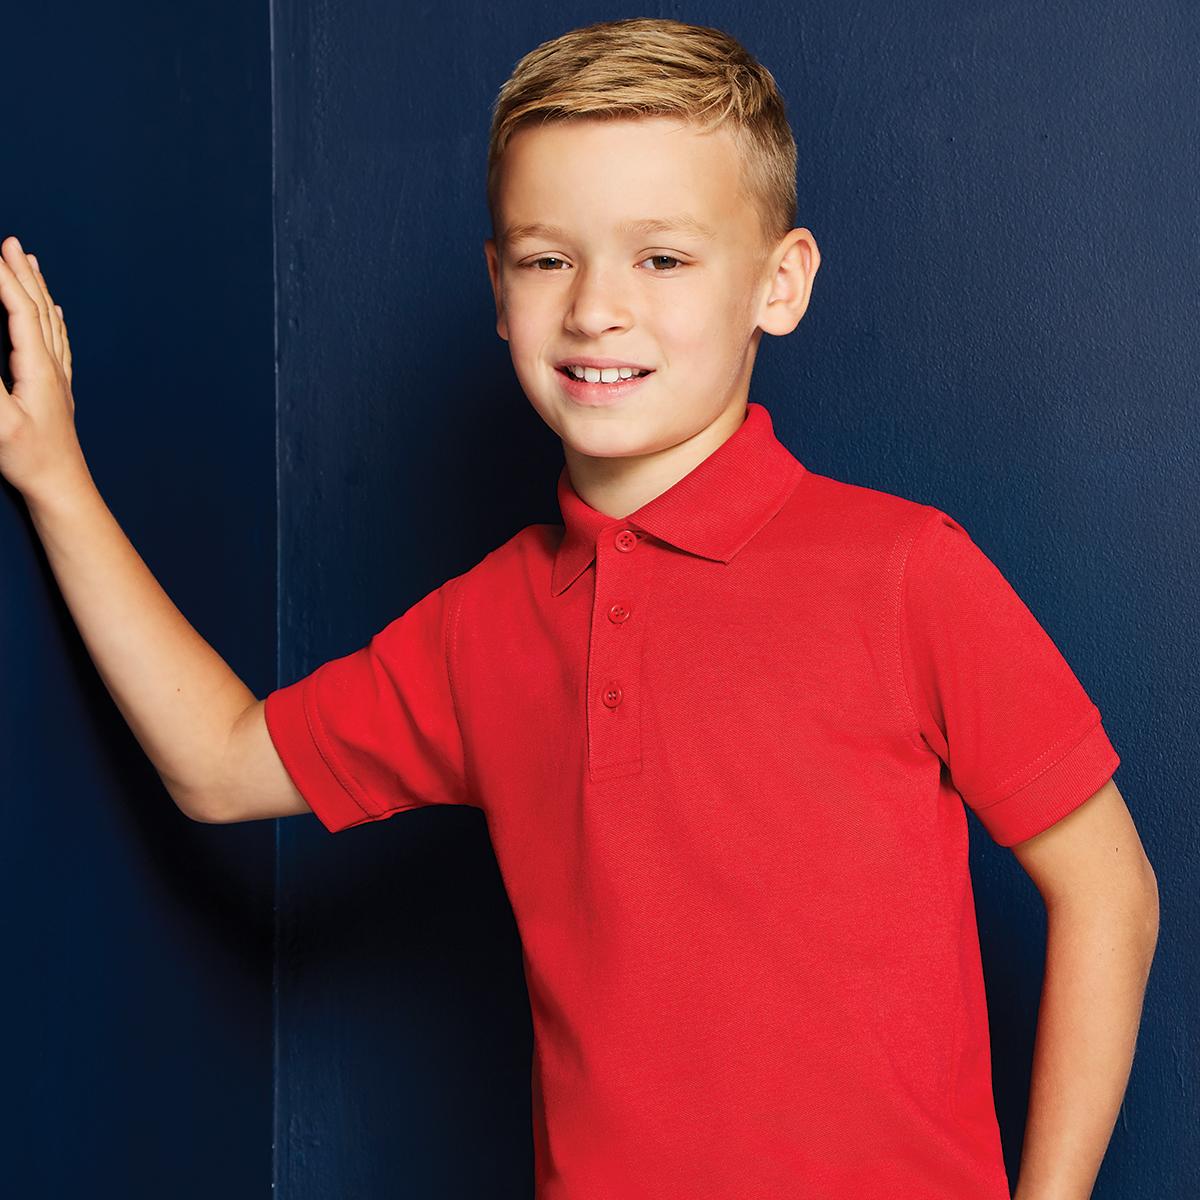 Kustom Kit's KK406 Kids Klassic Polo